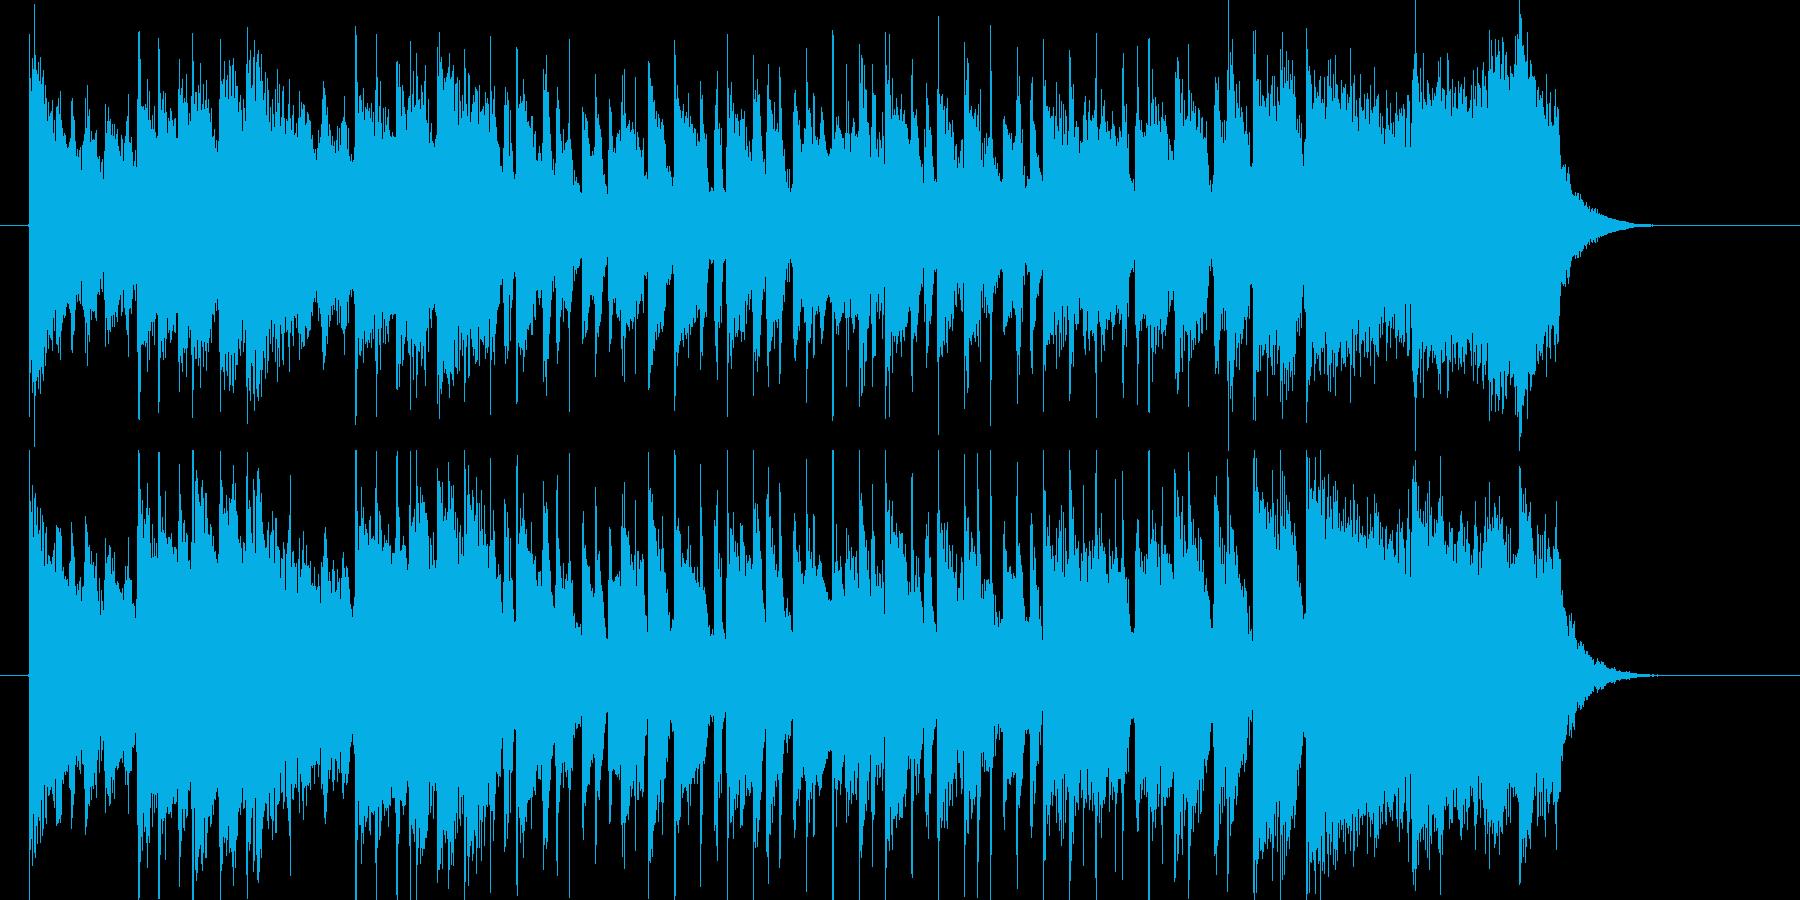 激しくてアップテンポなリズムのジングル曲の再生済みの波形